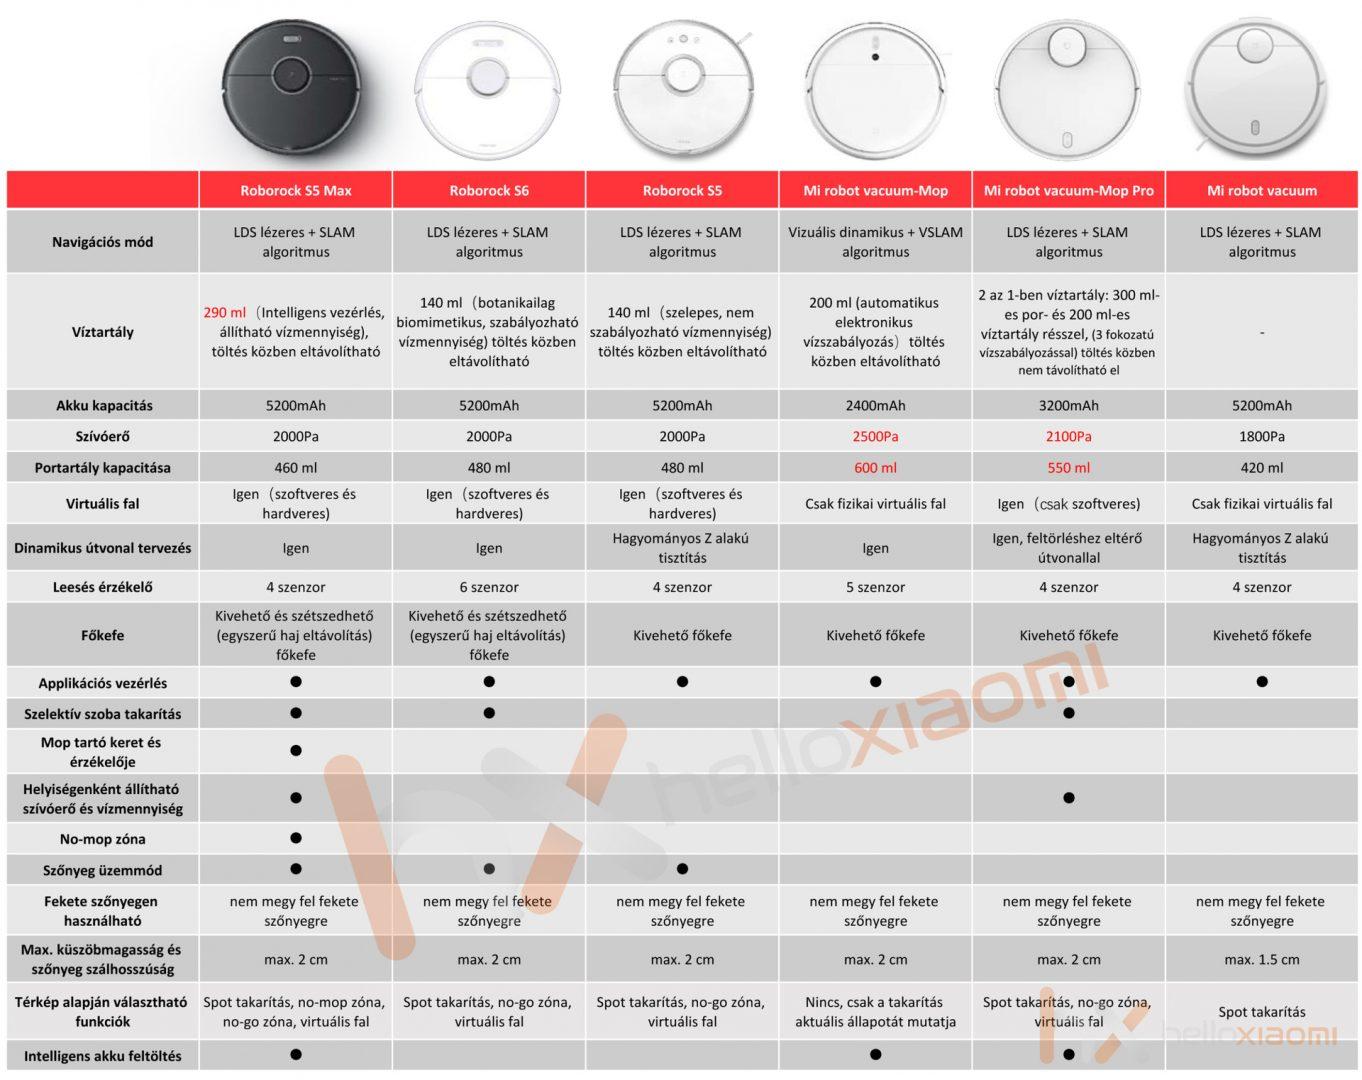 Xiaomi robotporszívók összehasonlító táblázata